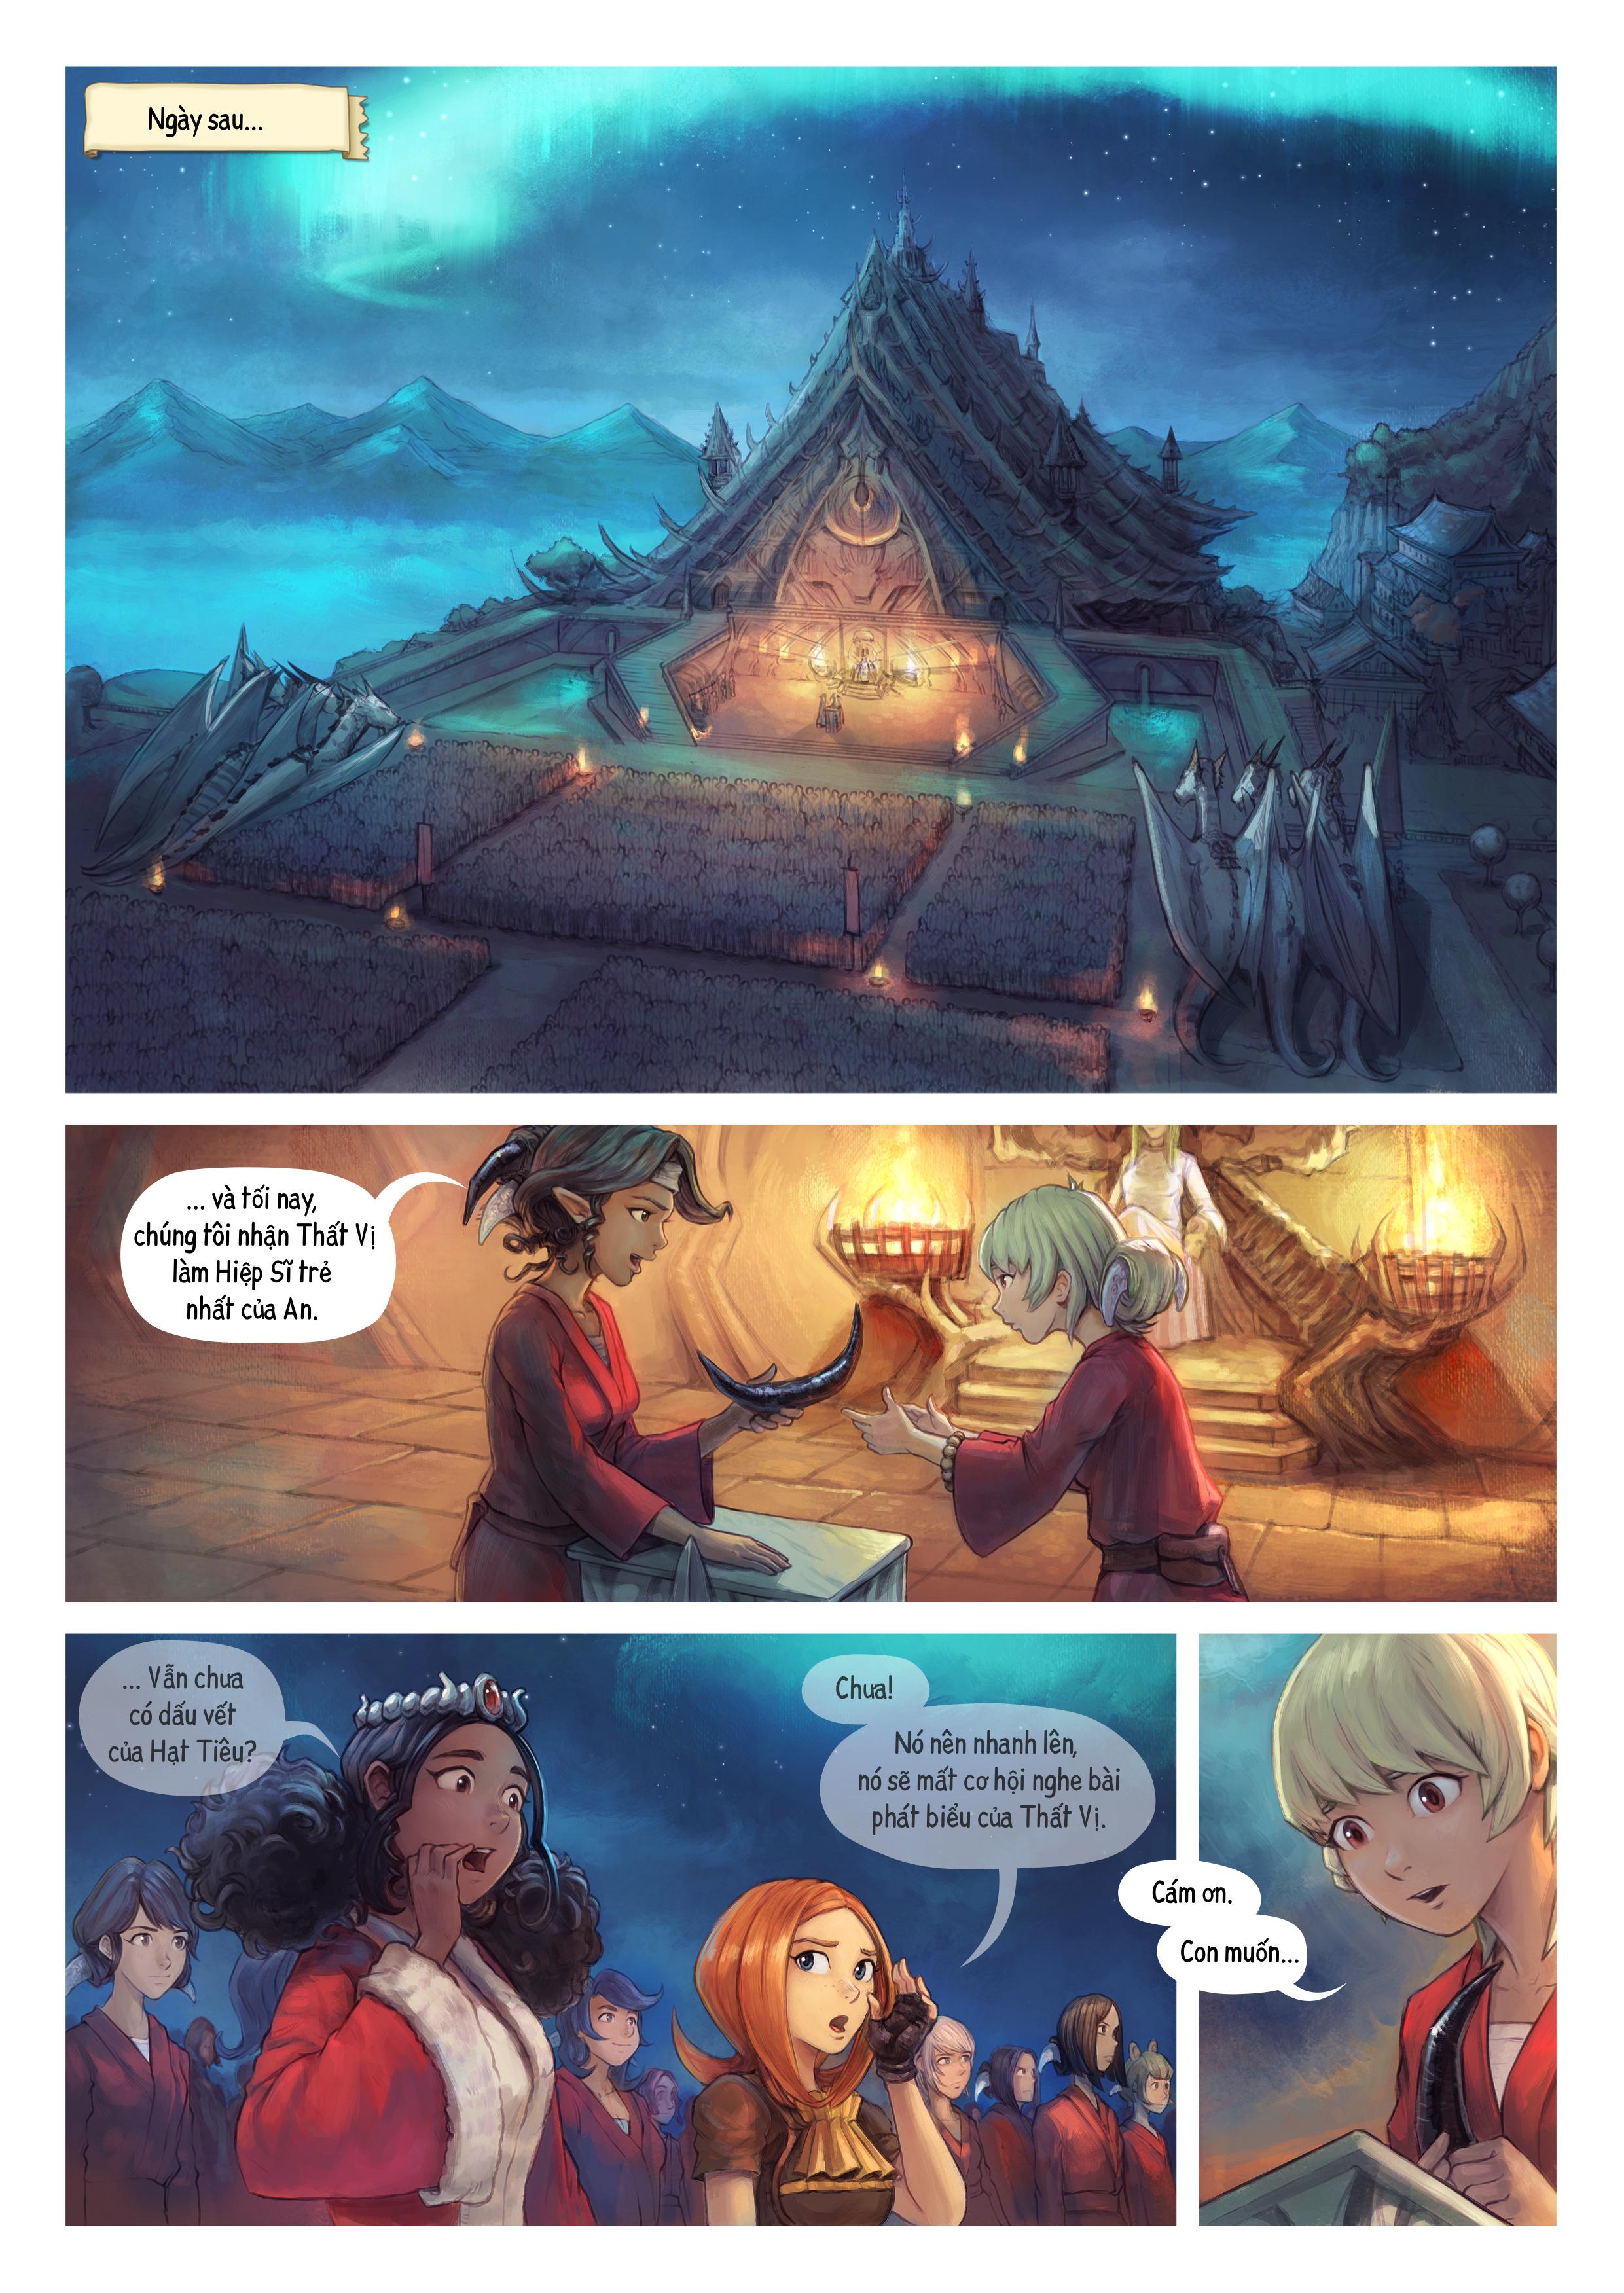 Tập 34: Thất Vị Nhậm Chức Hiệp Sĩ, Trang 1